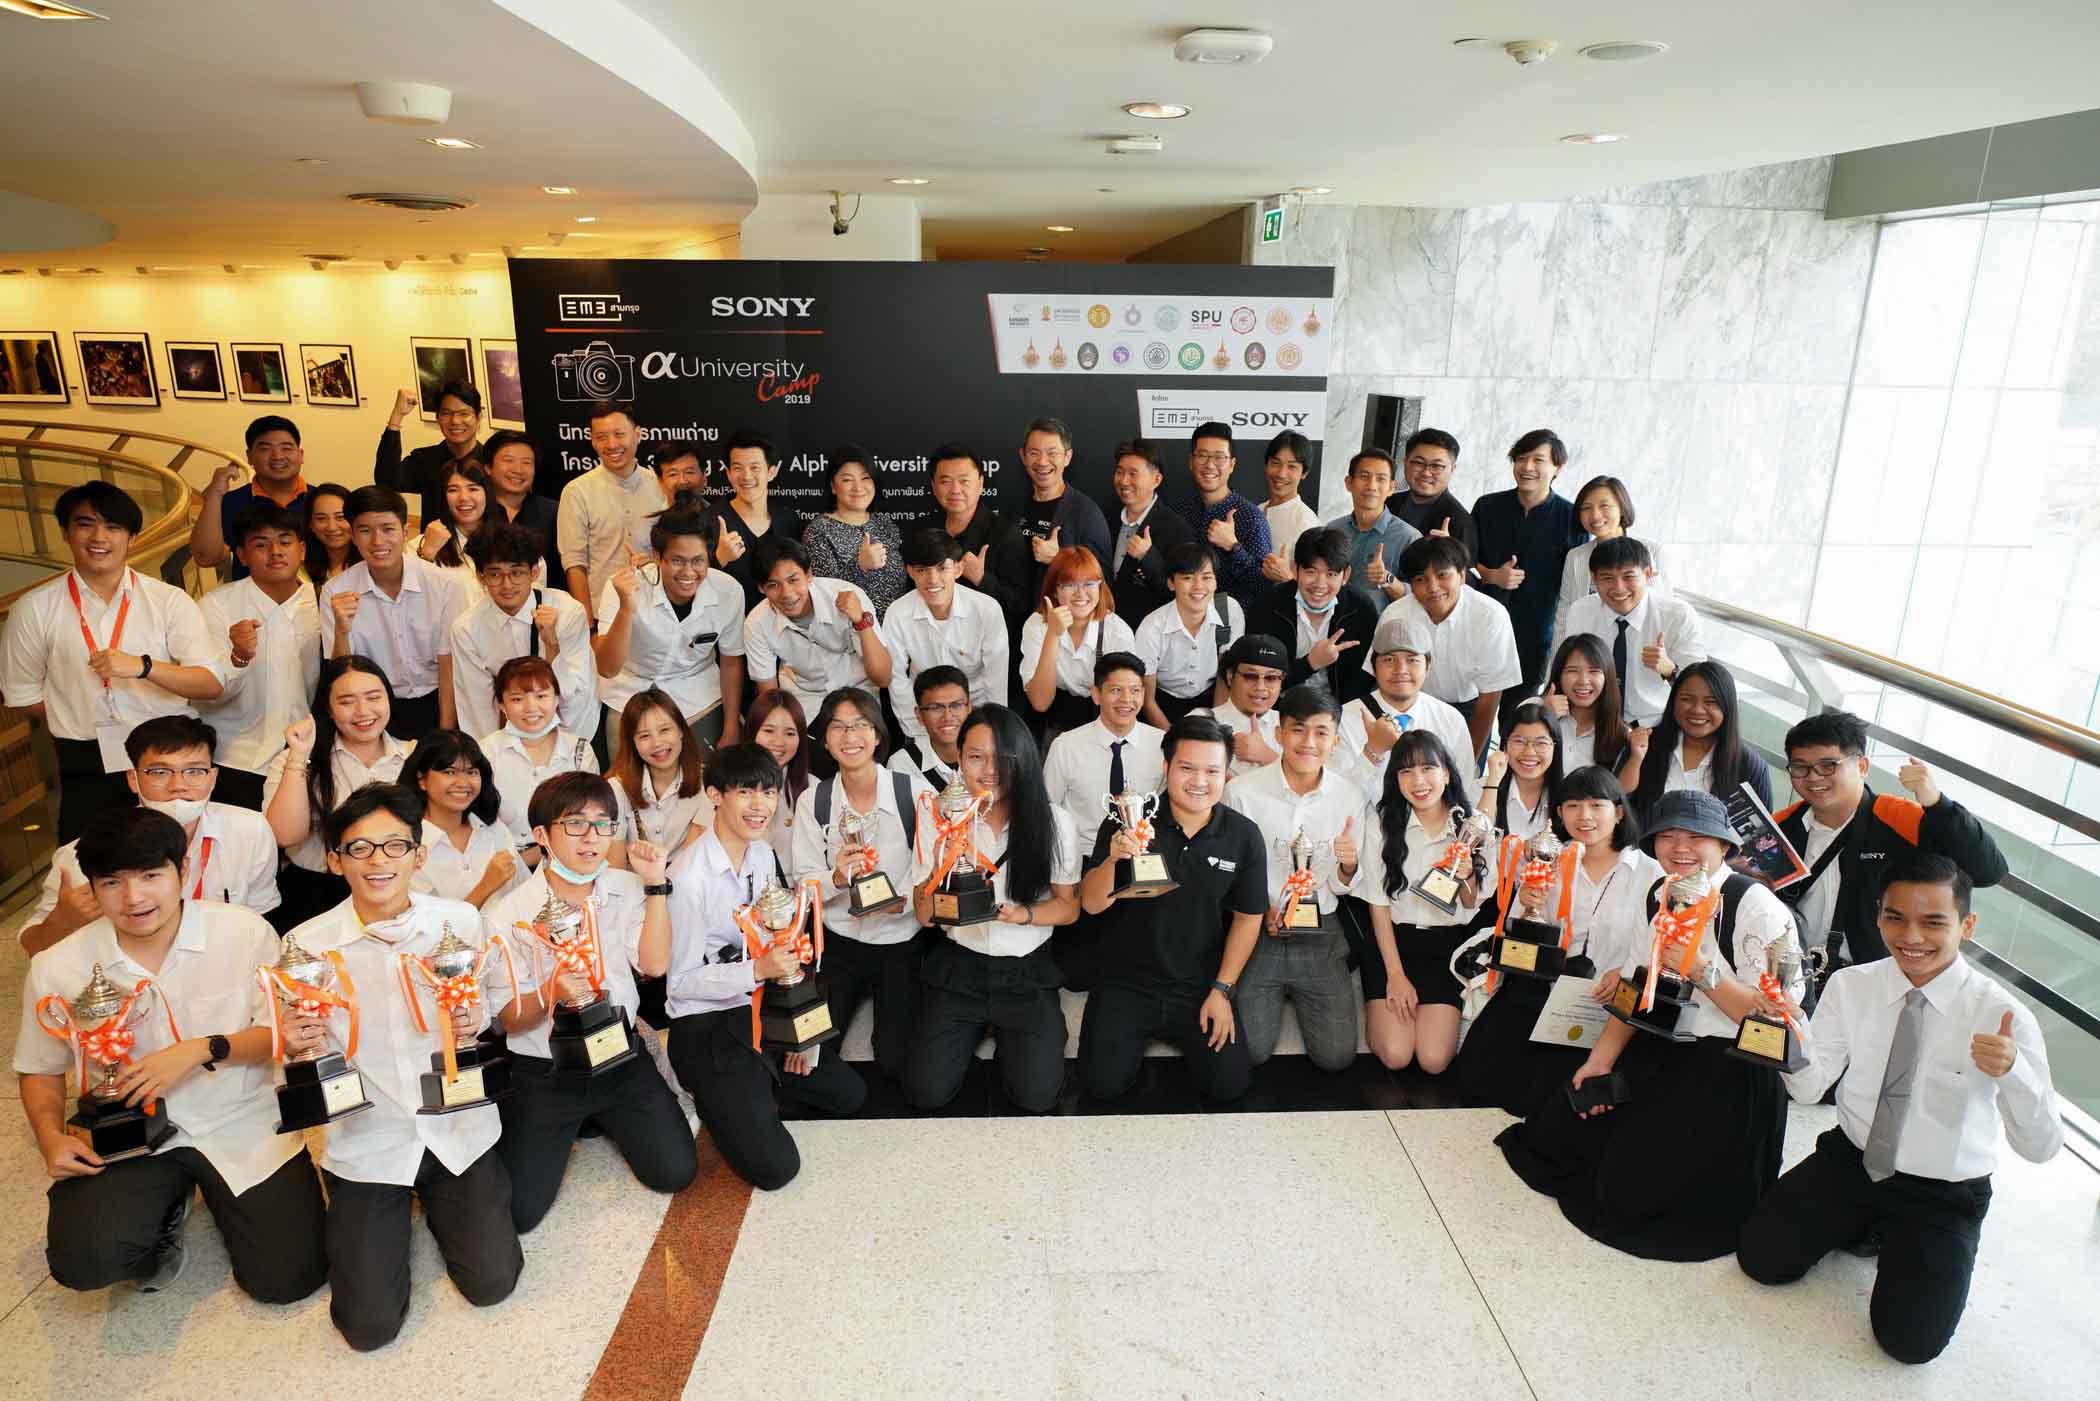 โซนี่ไทยจับมือศูนย์อบรมถ่ายภาพสามกรุง จัดนิทรรศการภาพถ่าย  3Krung x Sony Alpha University Camp ครั้งที่ 2